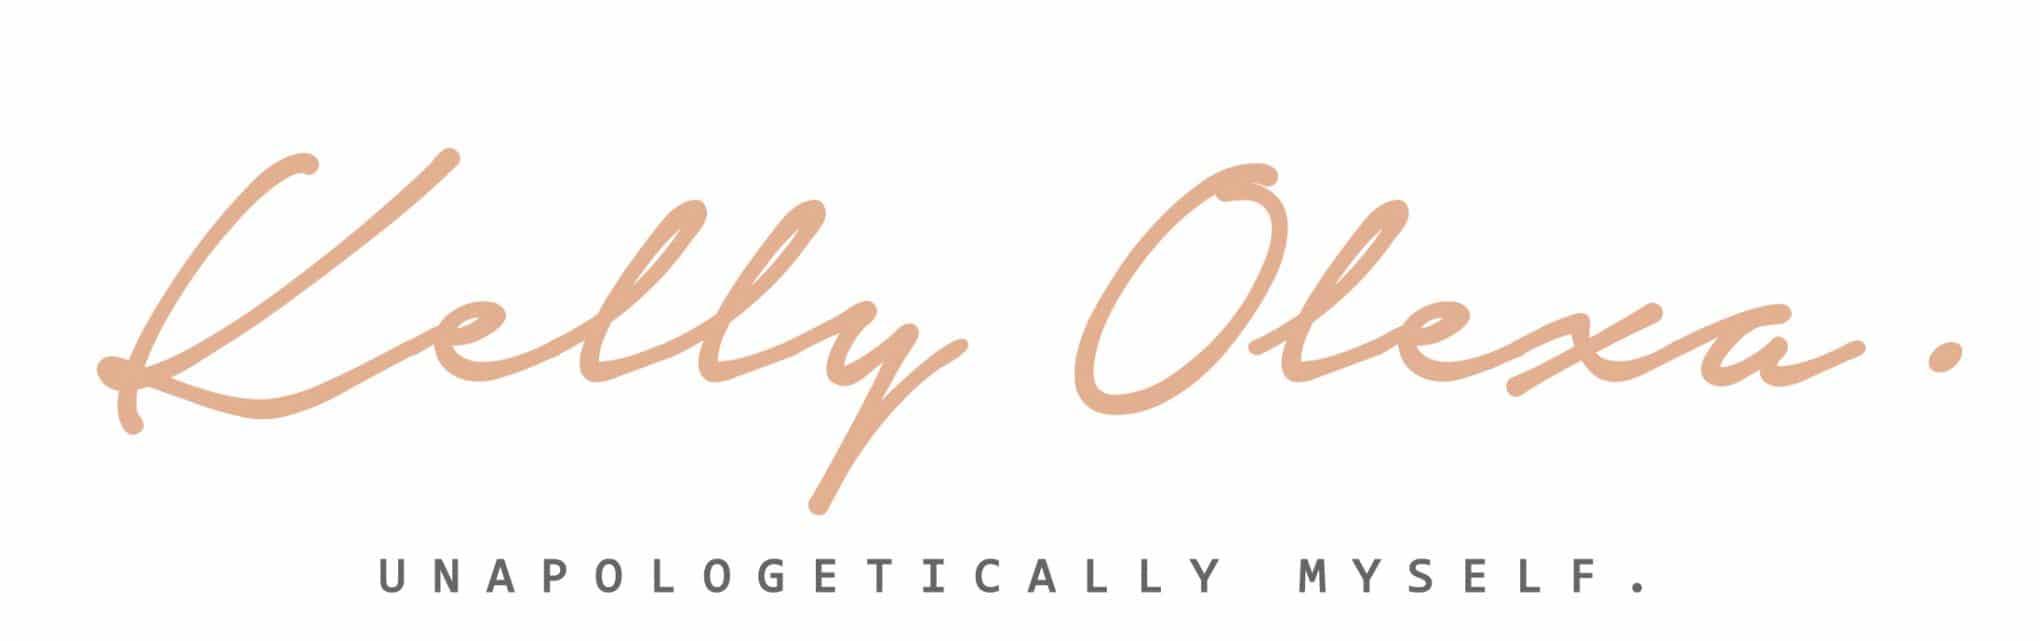 KellyOlexa.com